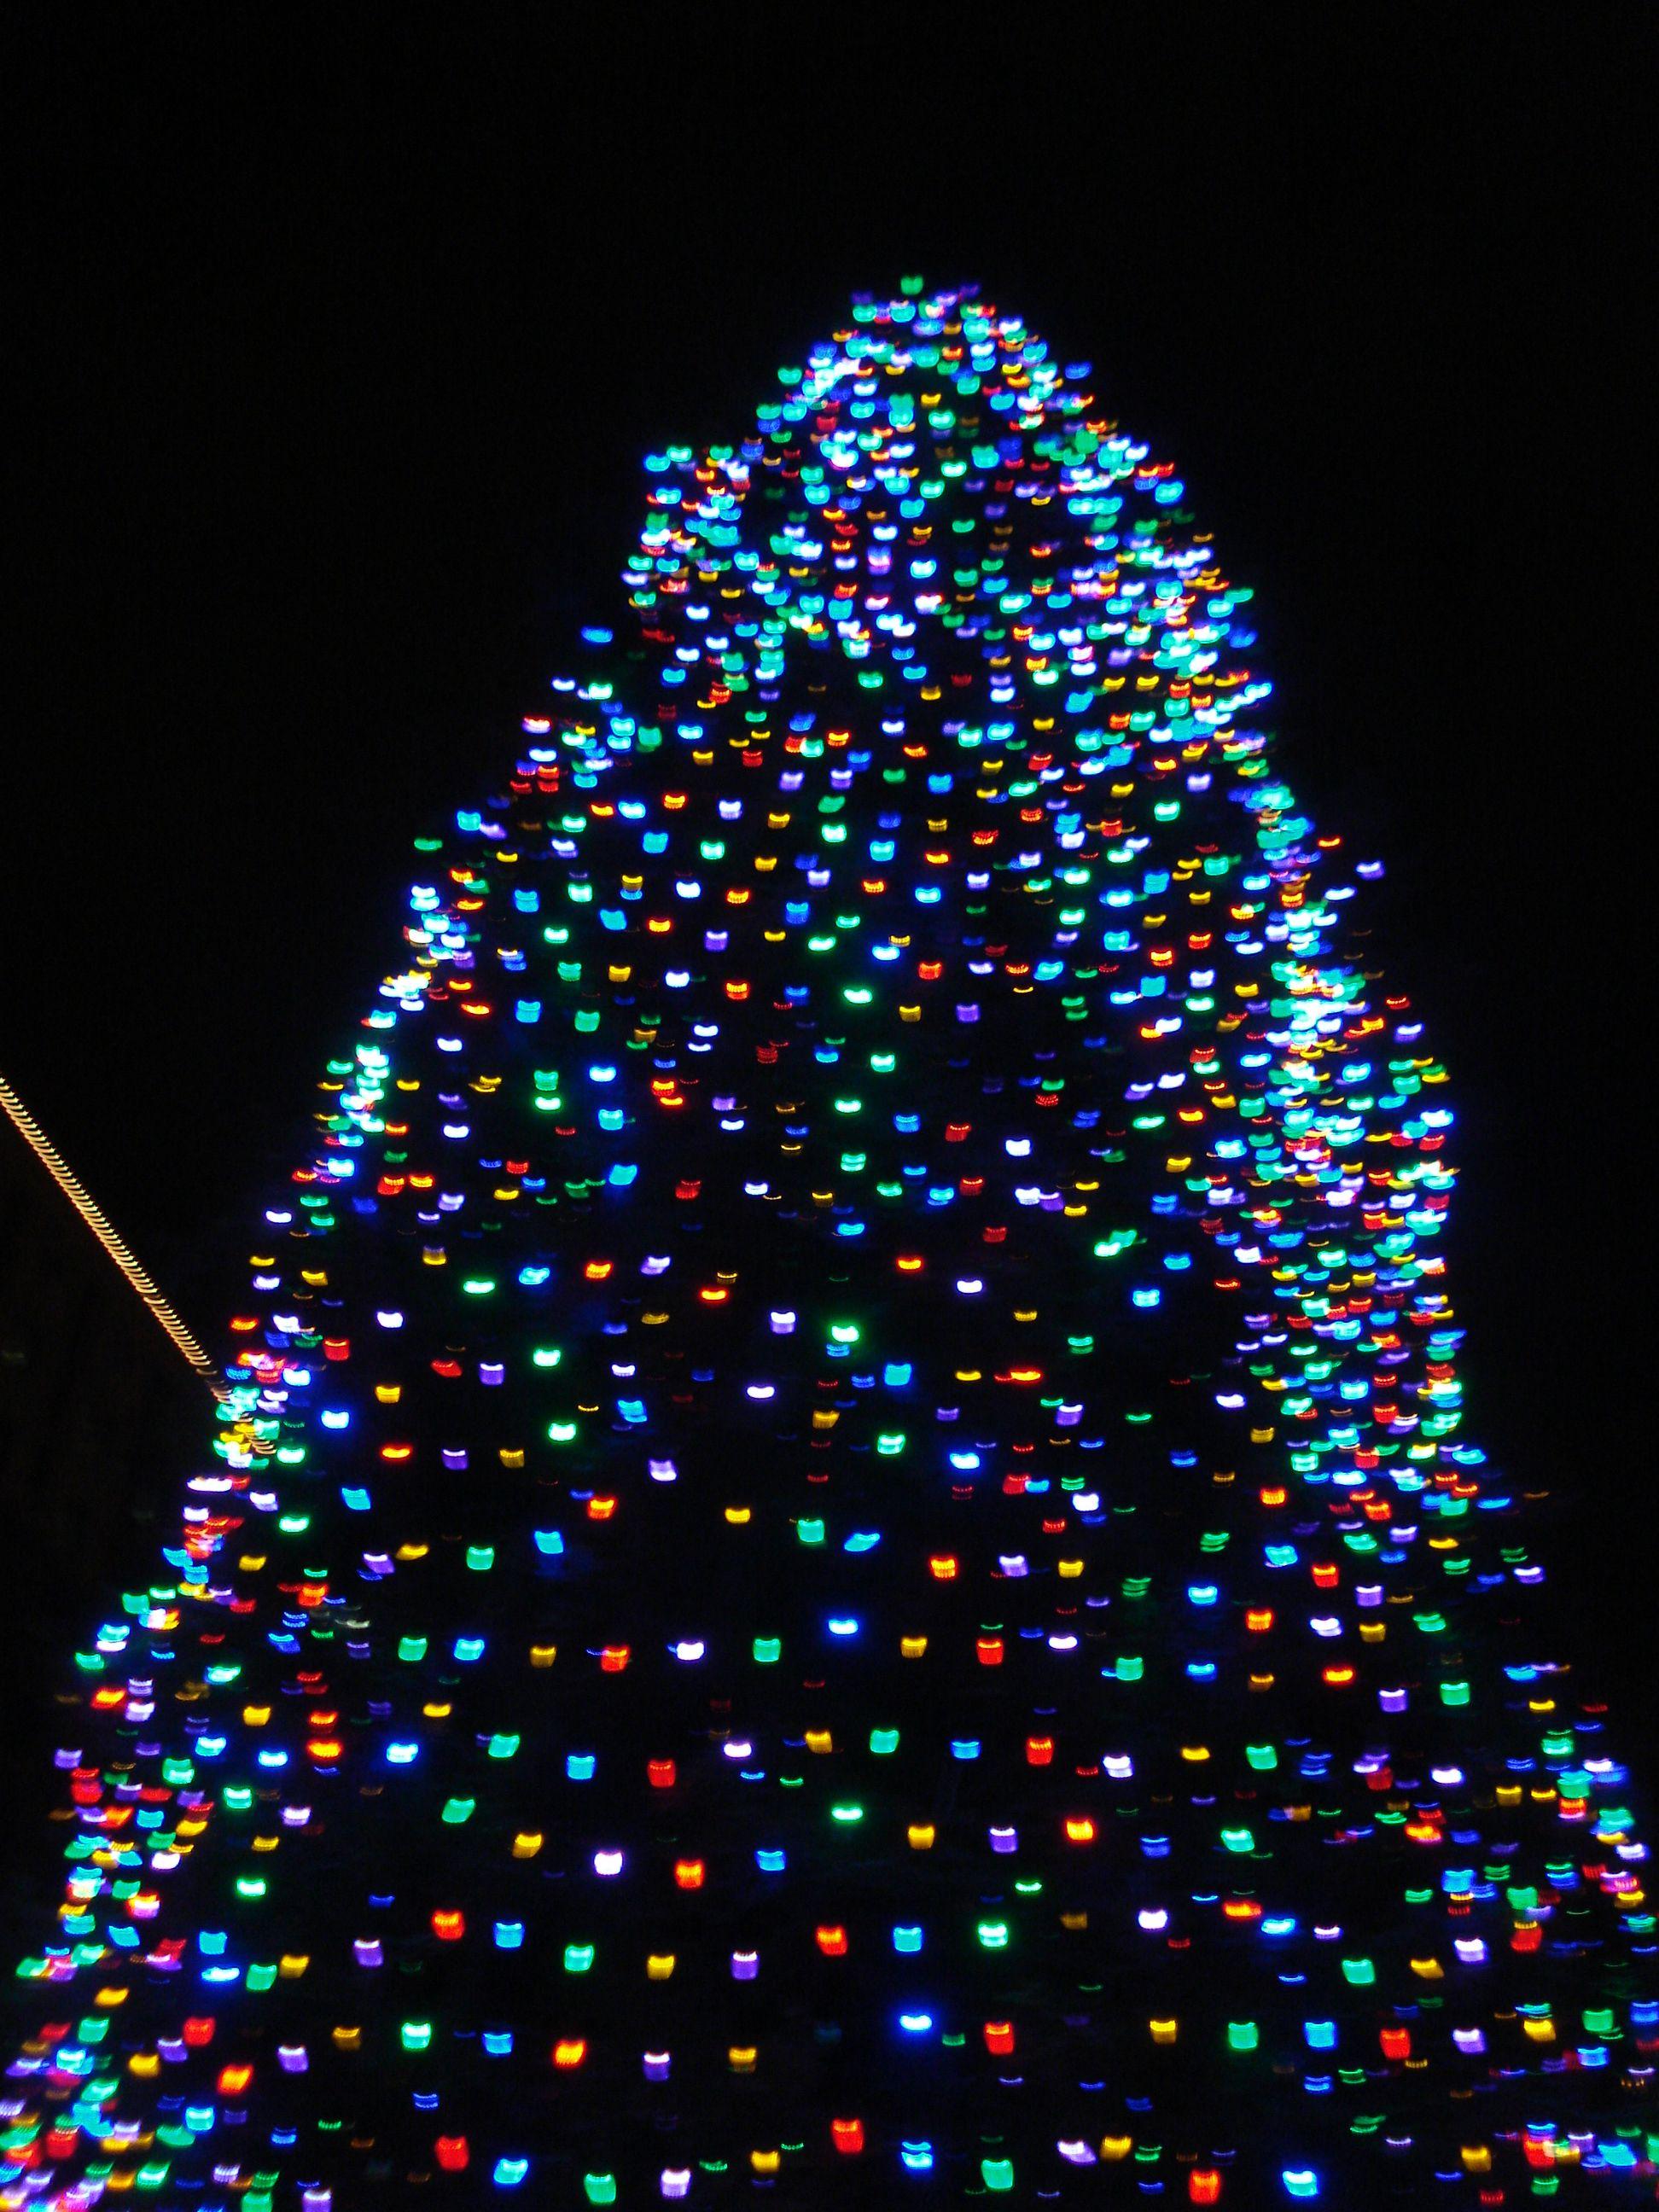 Led Weihnachtsbeleuchtung Baum.Miniatur Led Weihnachtsbeleuchtung Außen Weihnachten Rentier